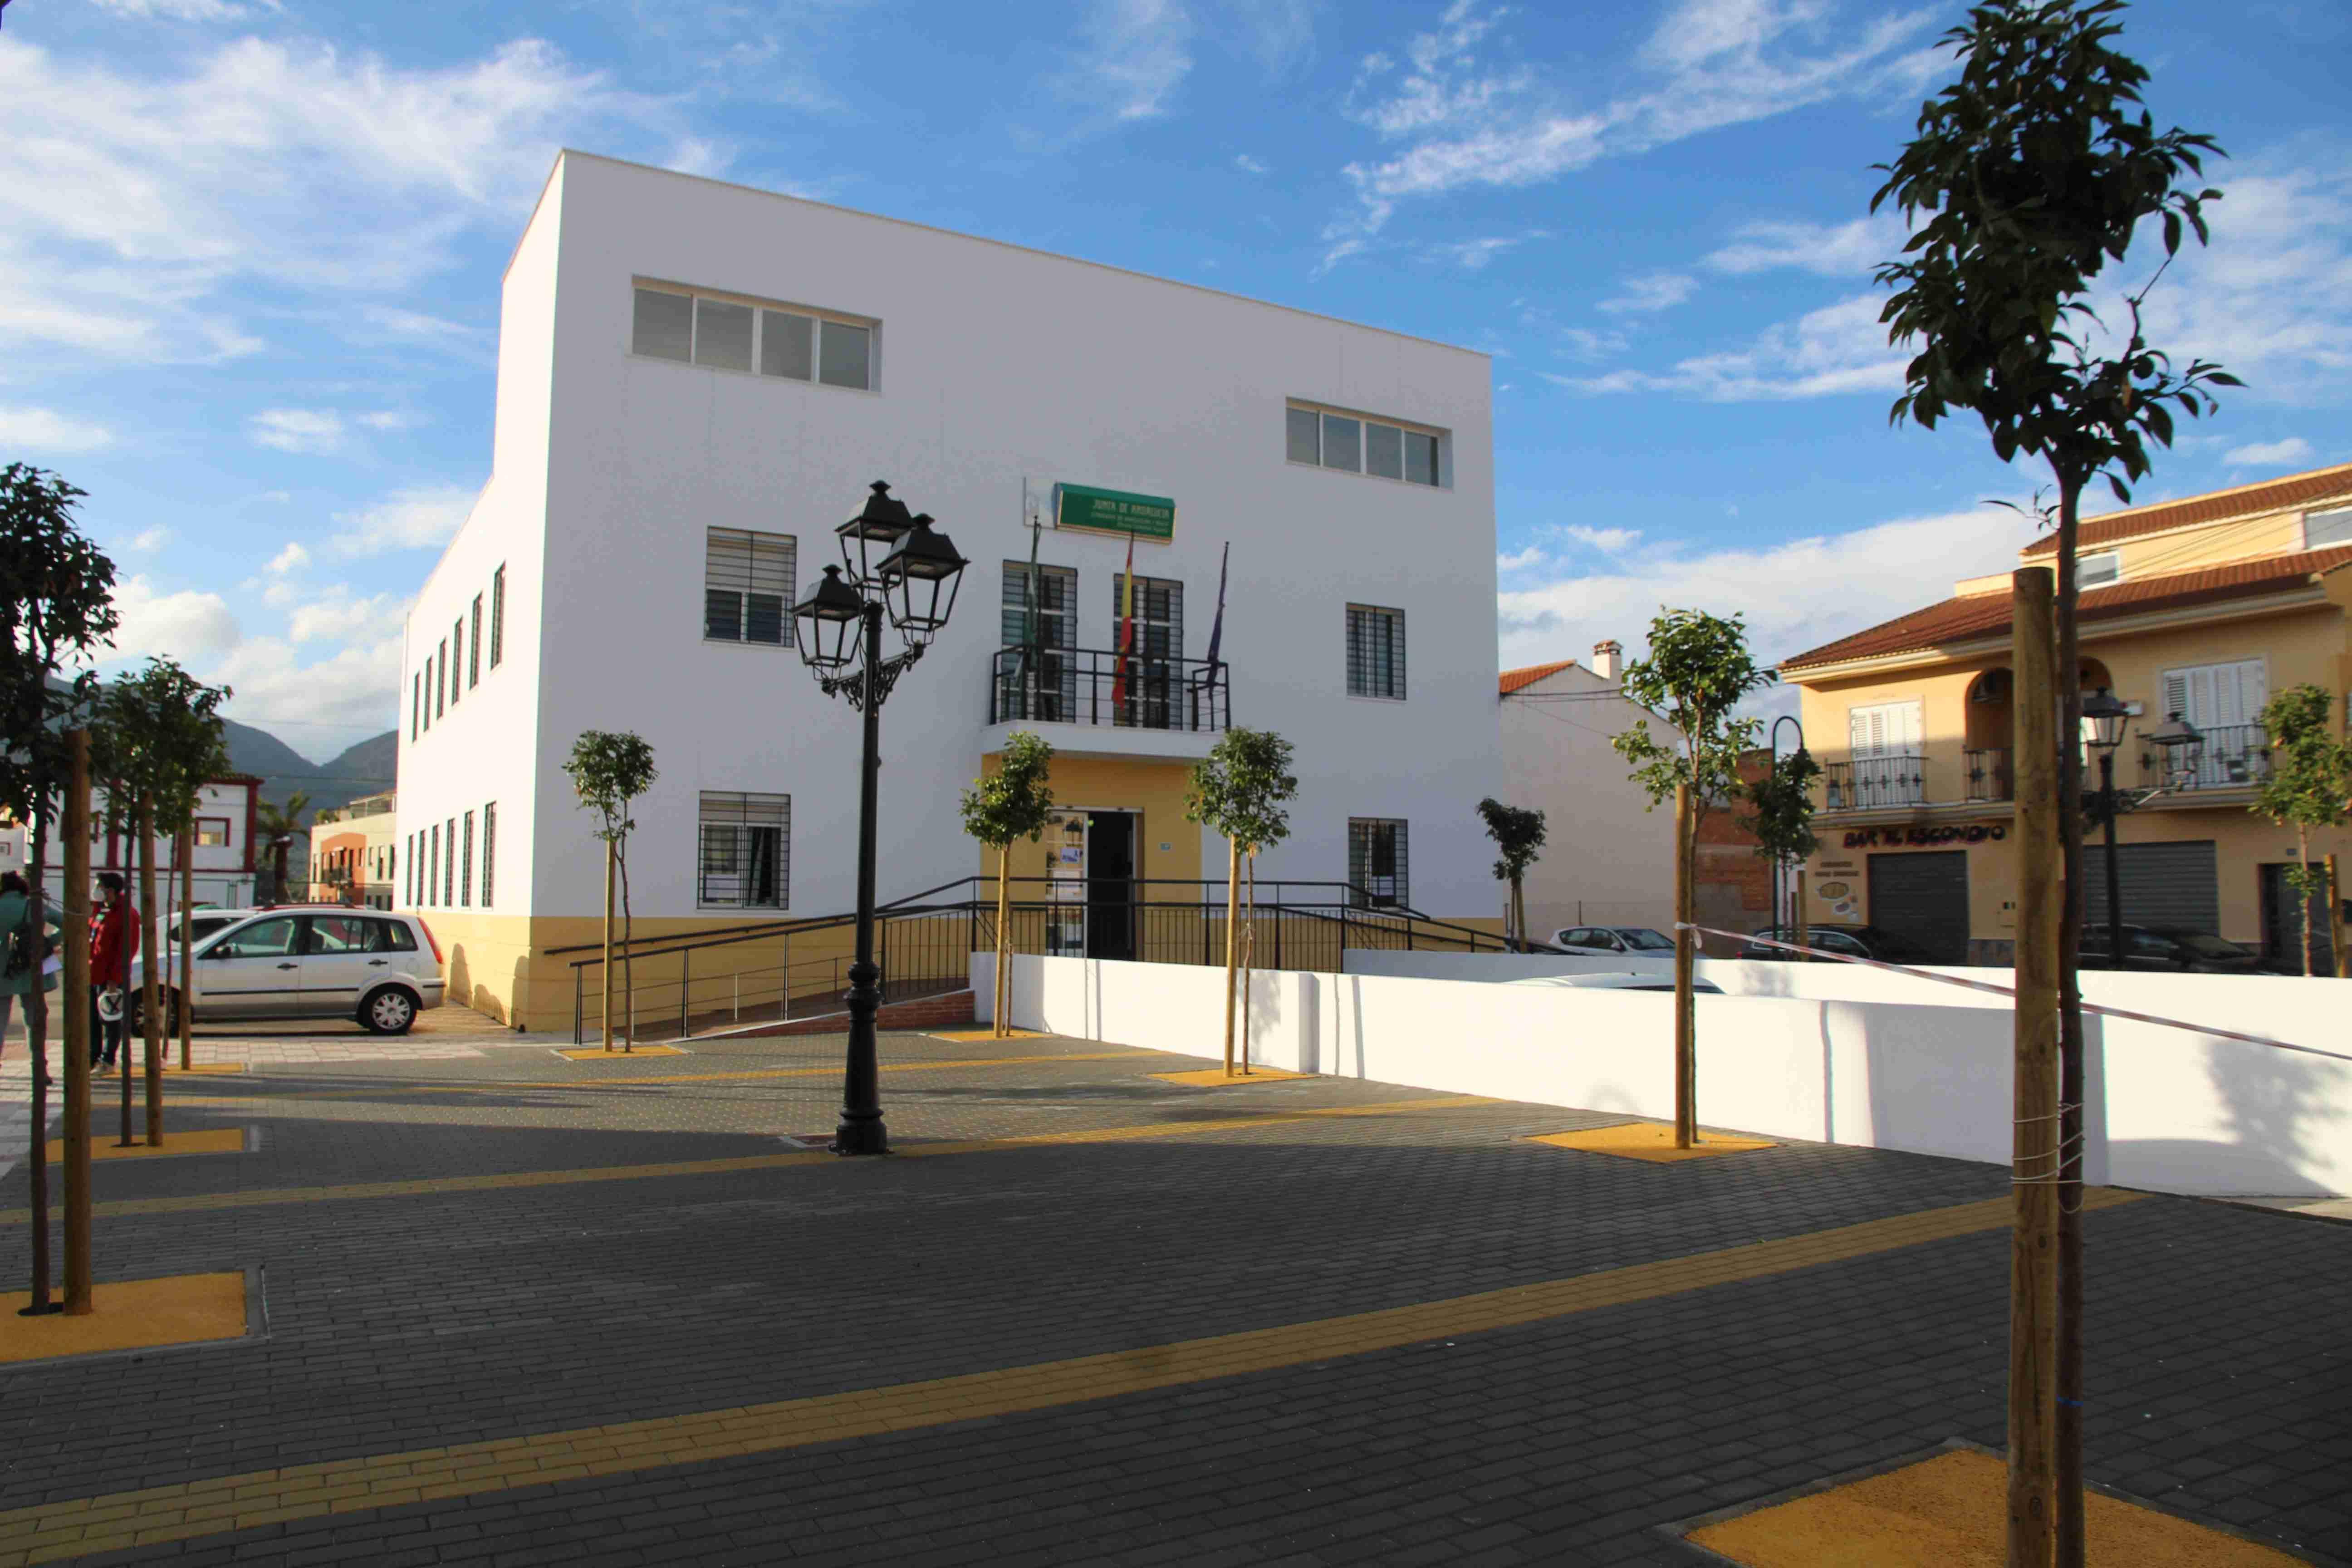 visita-obras-mejora-plaza-calle-lope-de-vega-301120-2